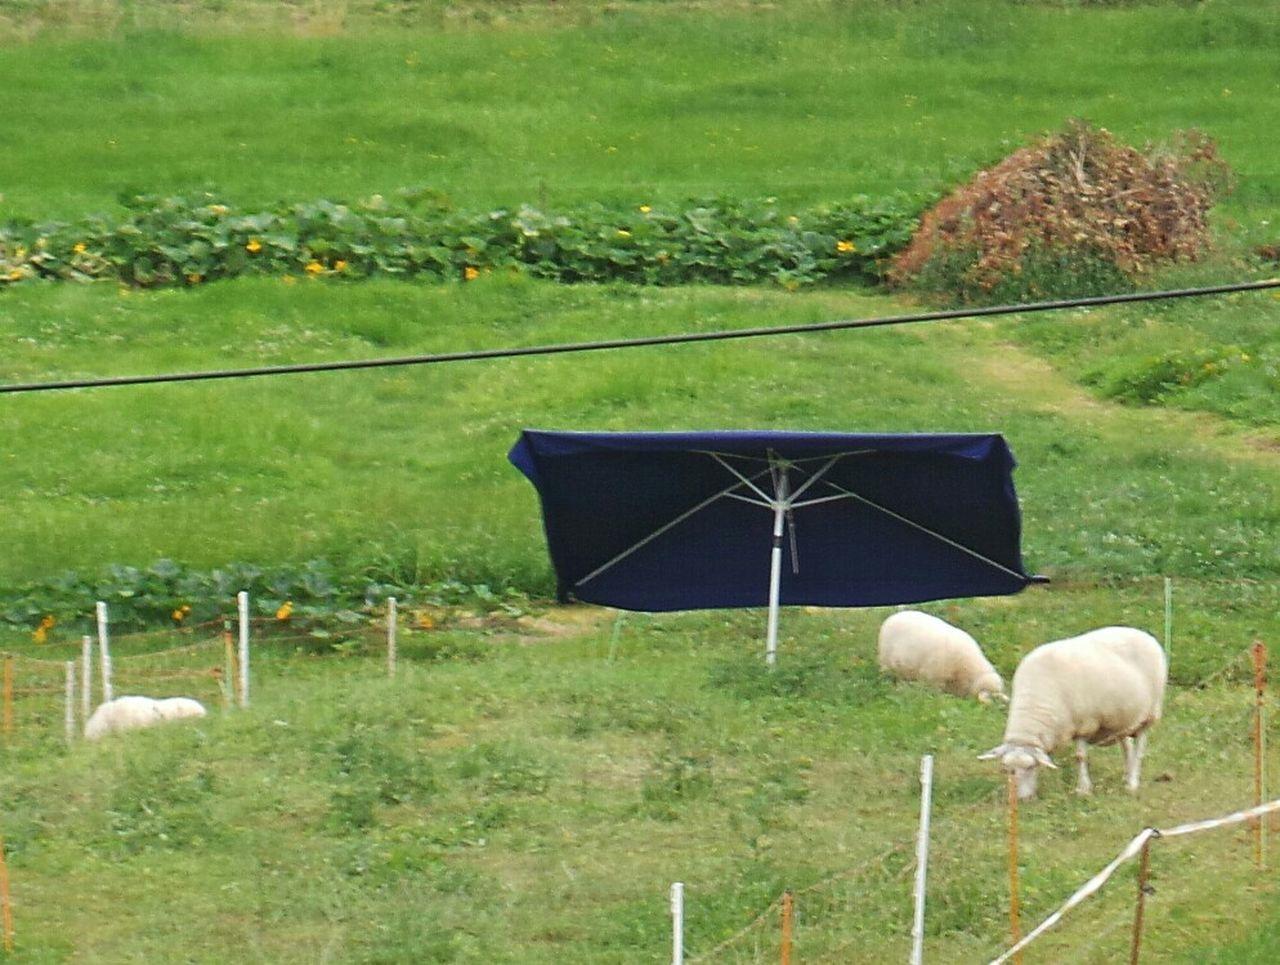 Schafe mit eigenem Sonnenschirm, Sheep with Parasol, Summertime Hochsommer Heatwave Creature Comforts